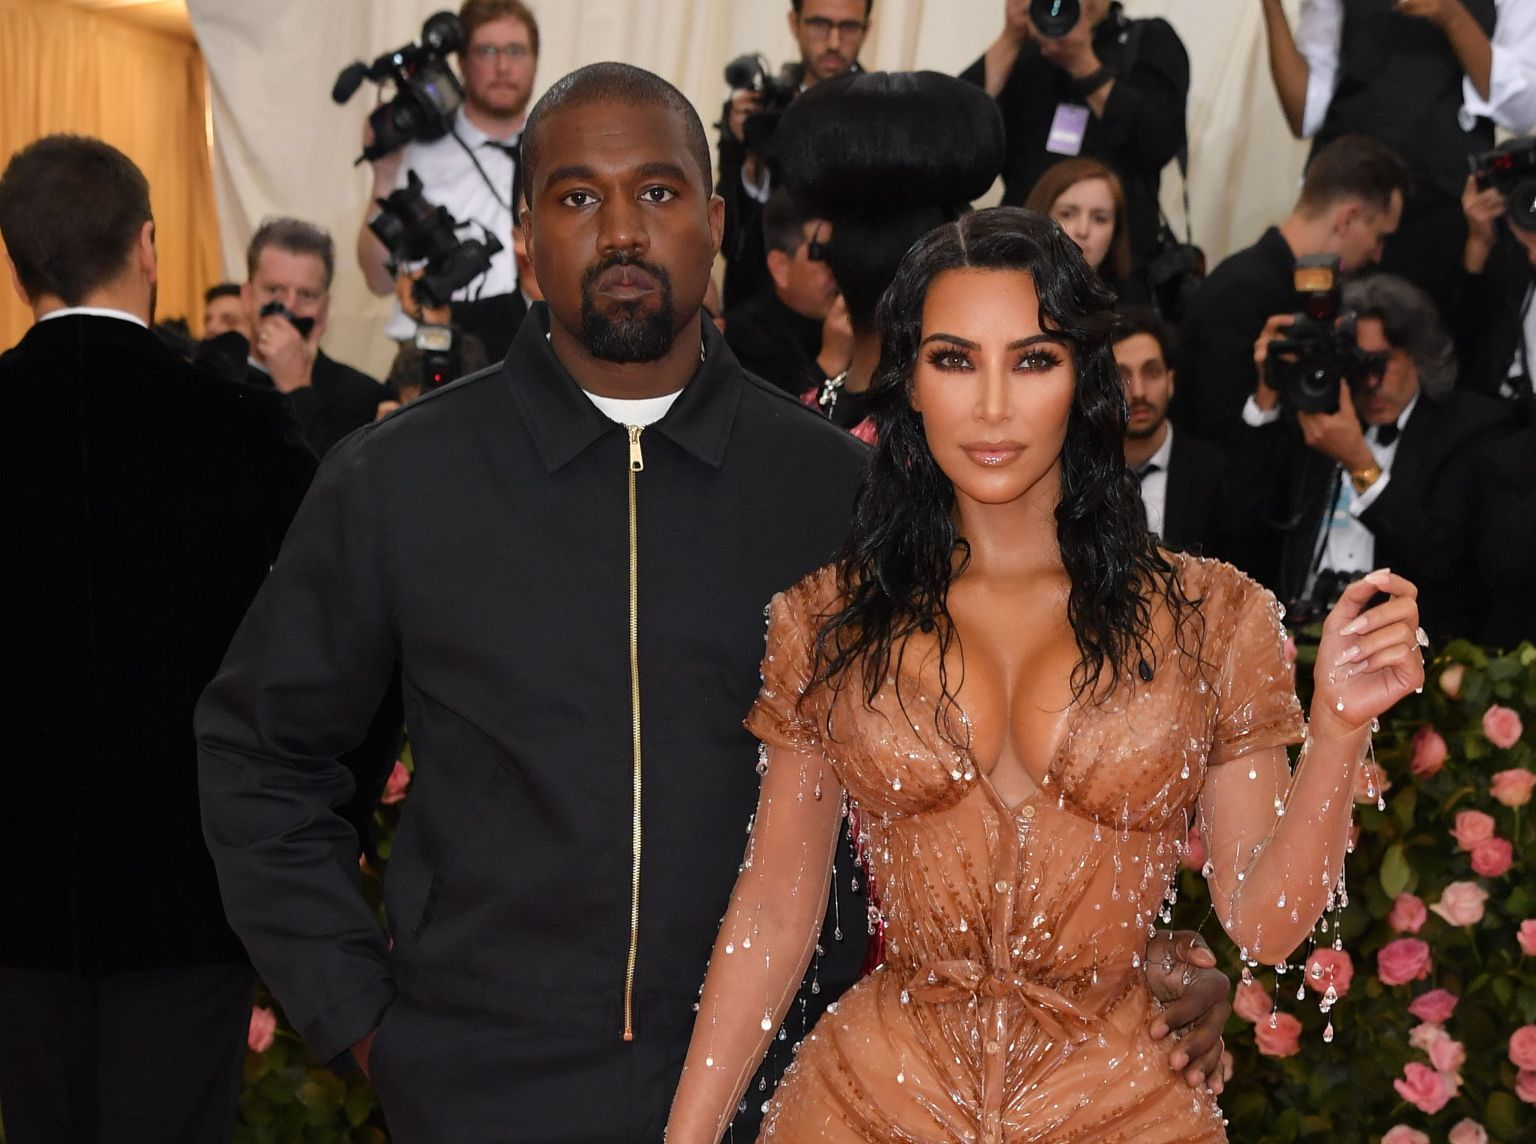 Kim Kardashian feels like a 'failure' because of split with Kanye West